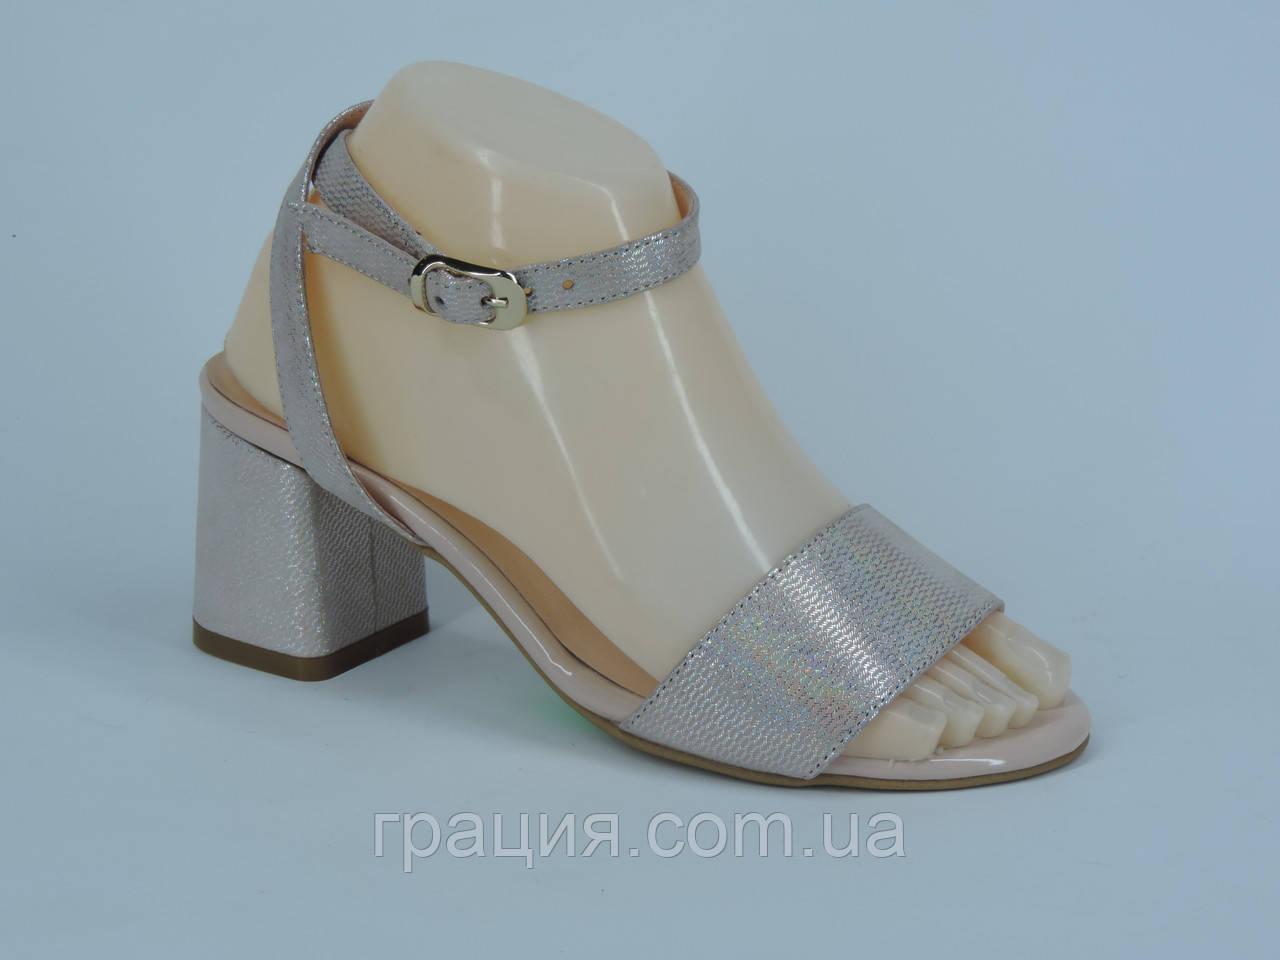 Модные женские босоножки на не высоком каблуке